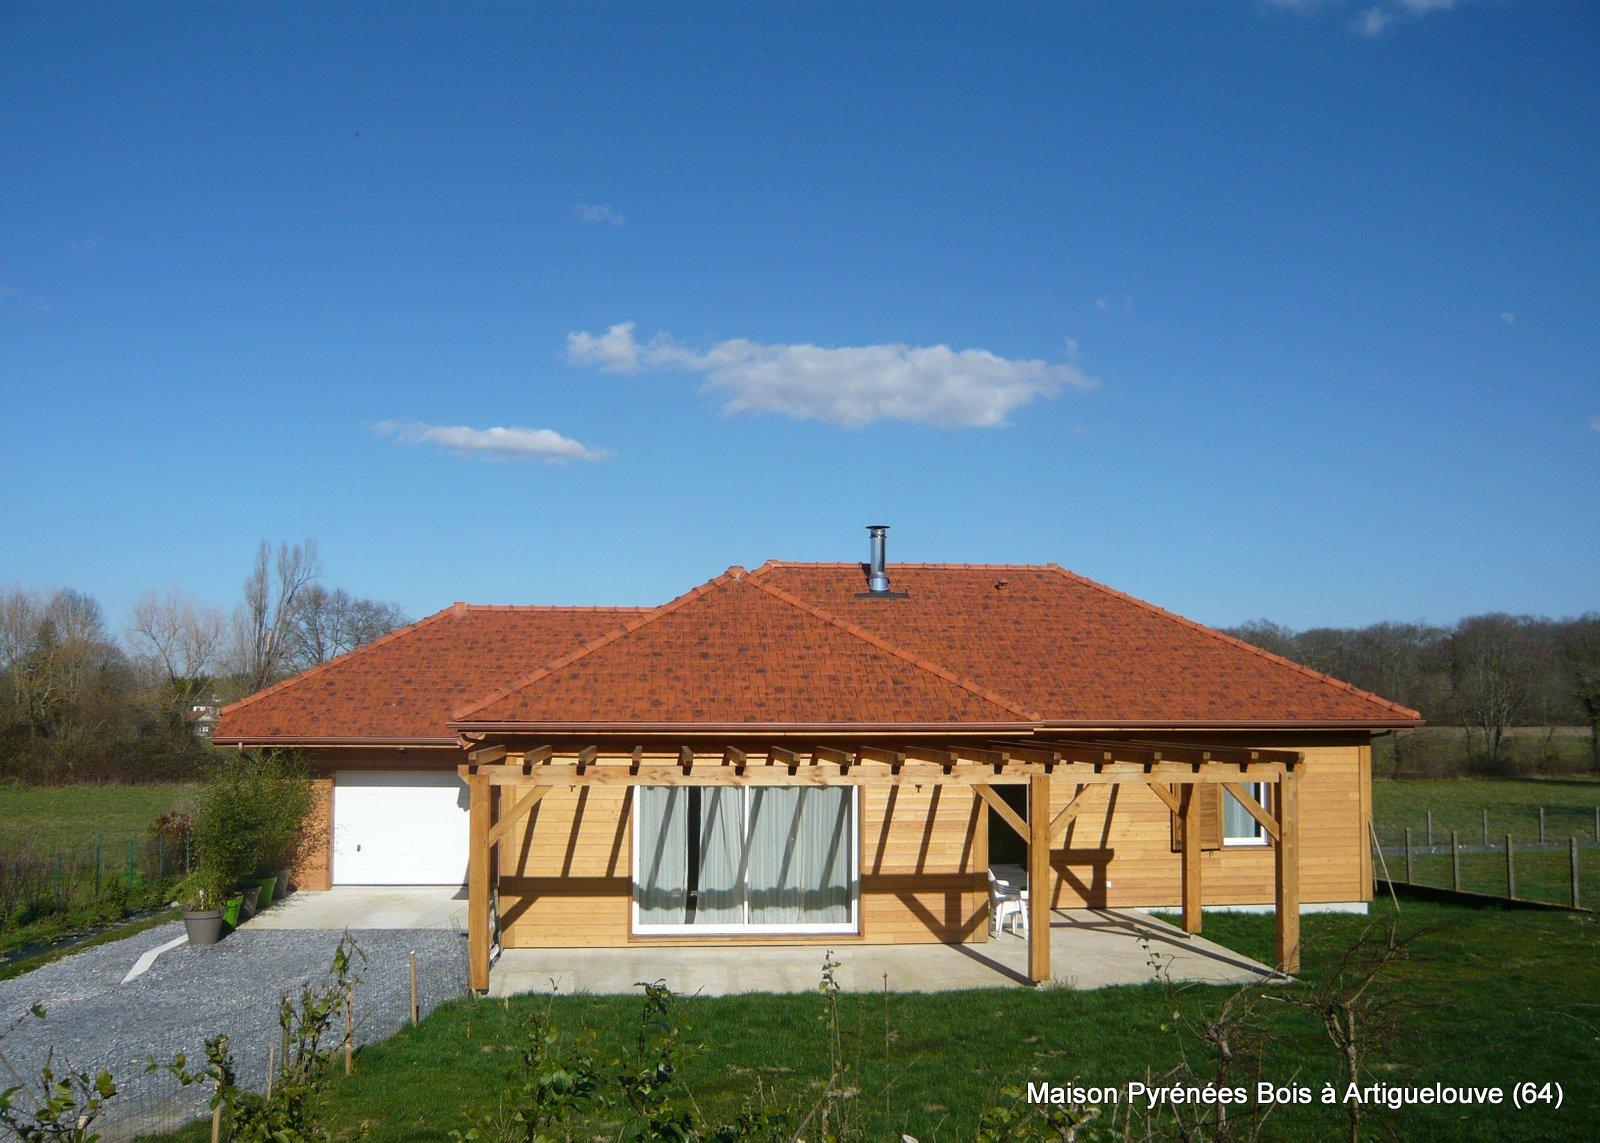 Maison Pyrénées Bois à Artiguelouve, près de Pau (Pyrénées Atlantiques, 64)